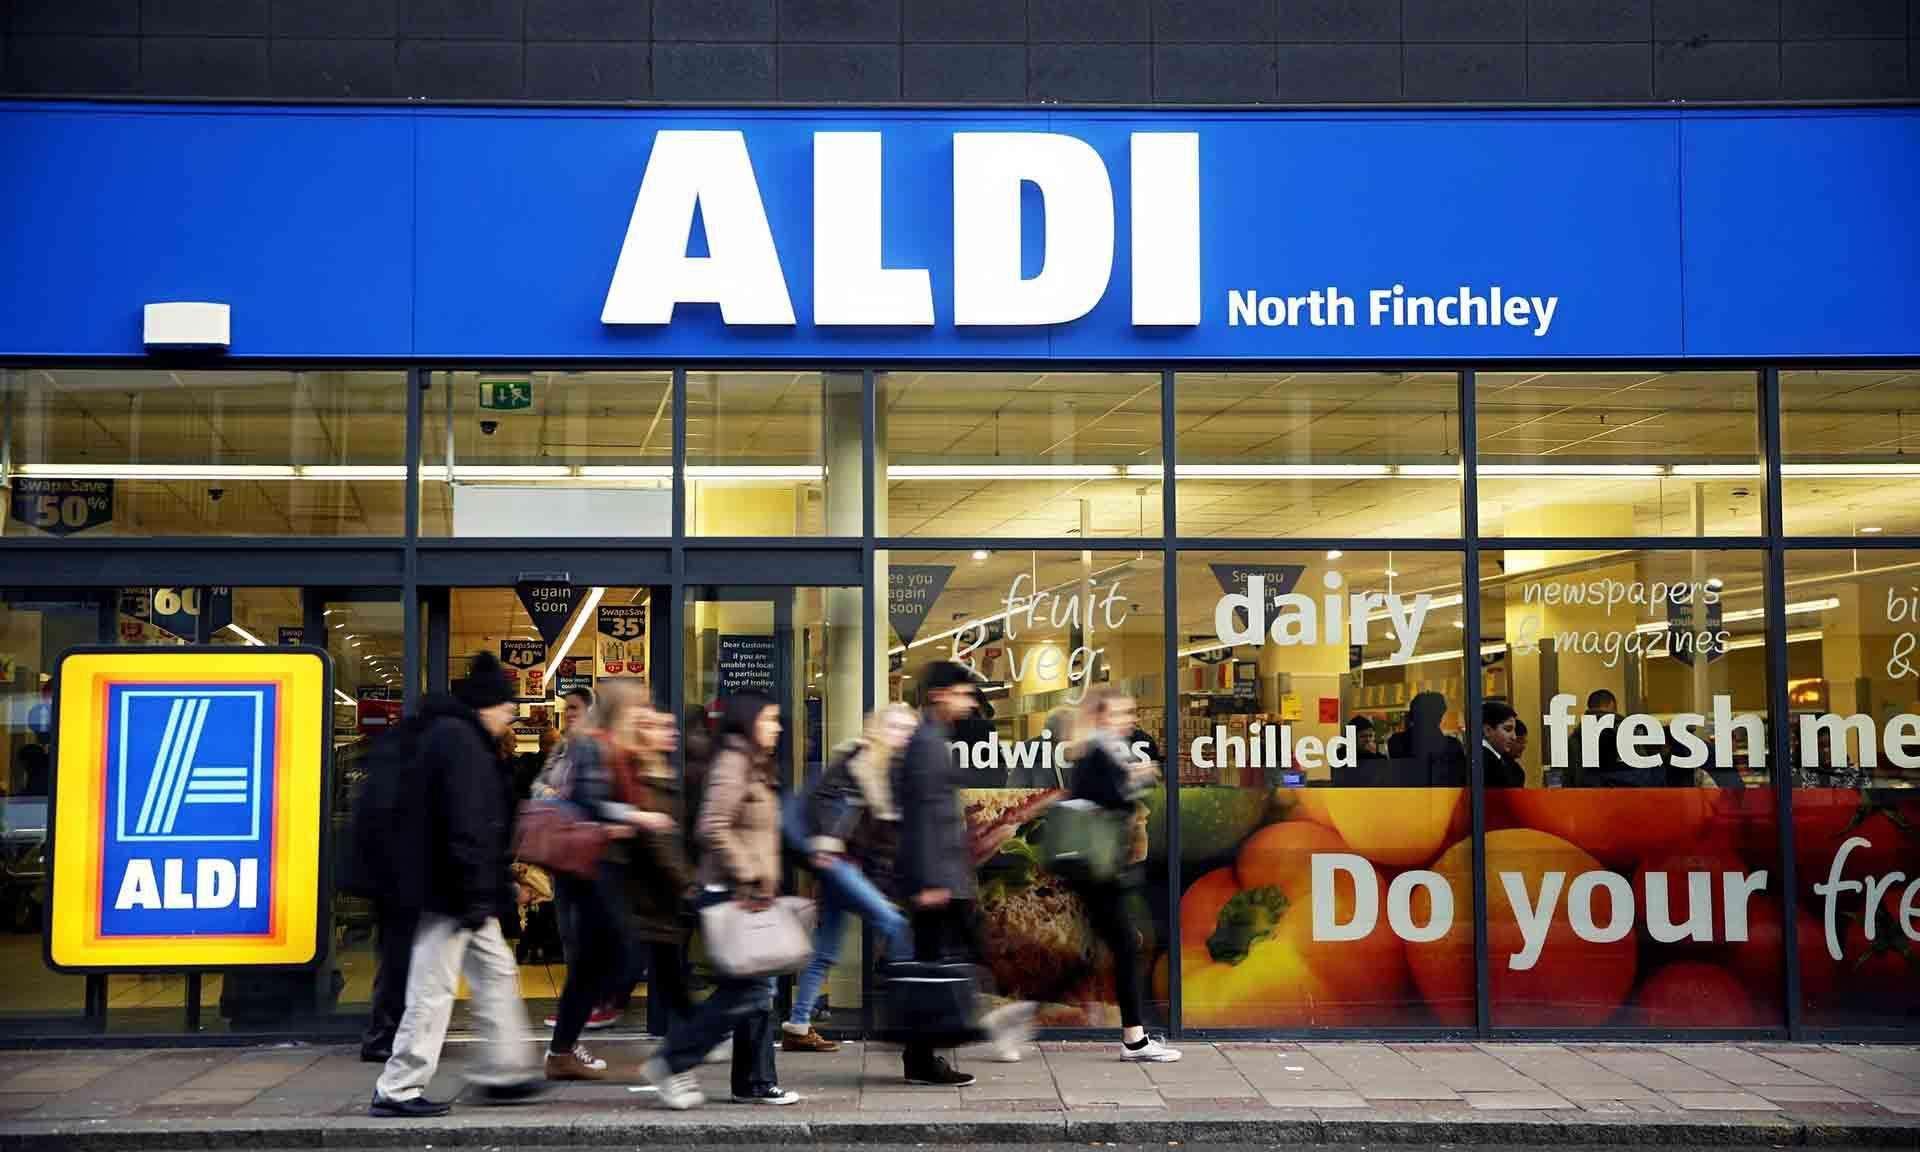 中国超市倒闭遍地,这家德国超市却打败了沃尔玛!